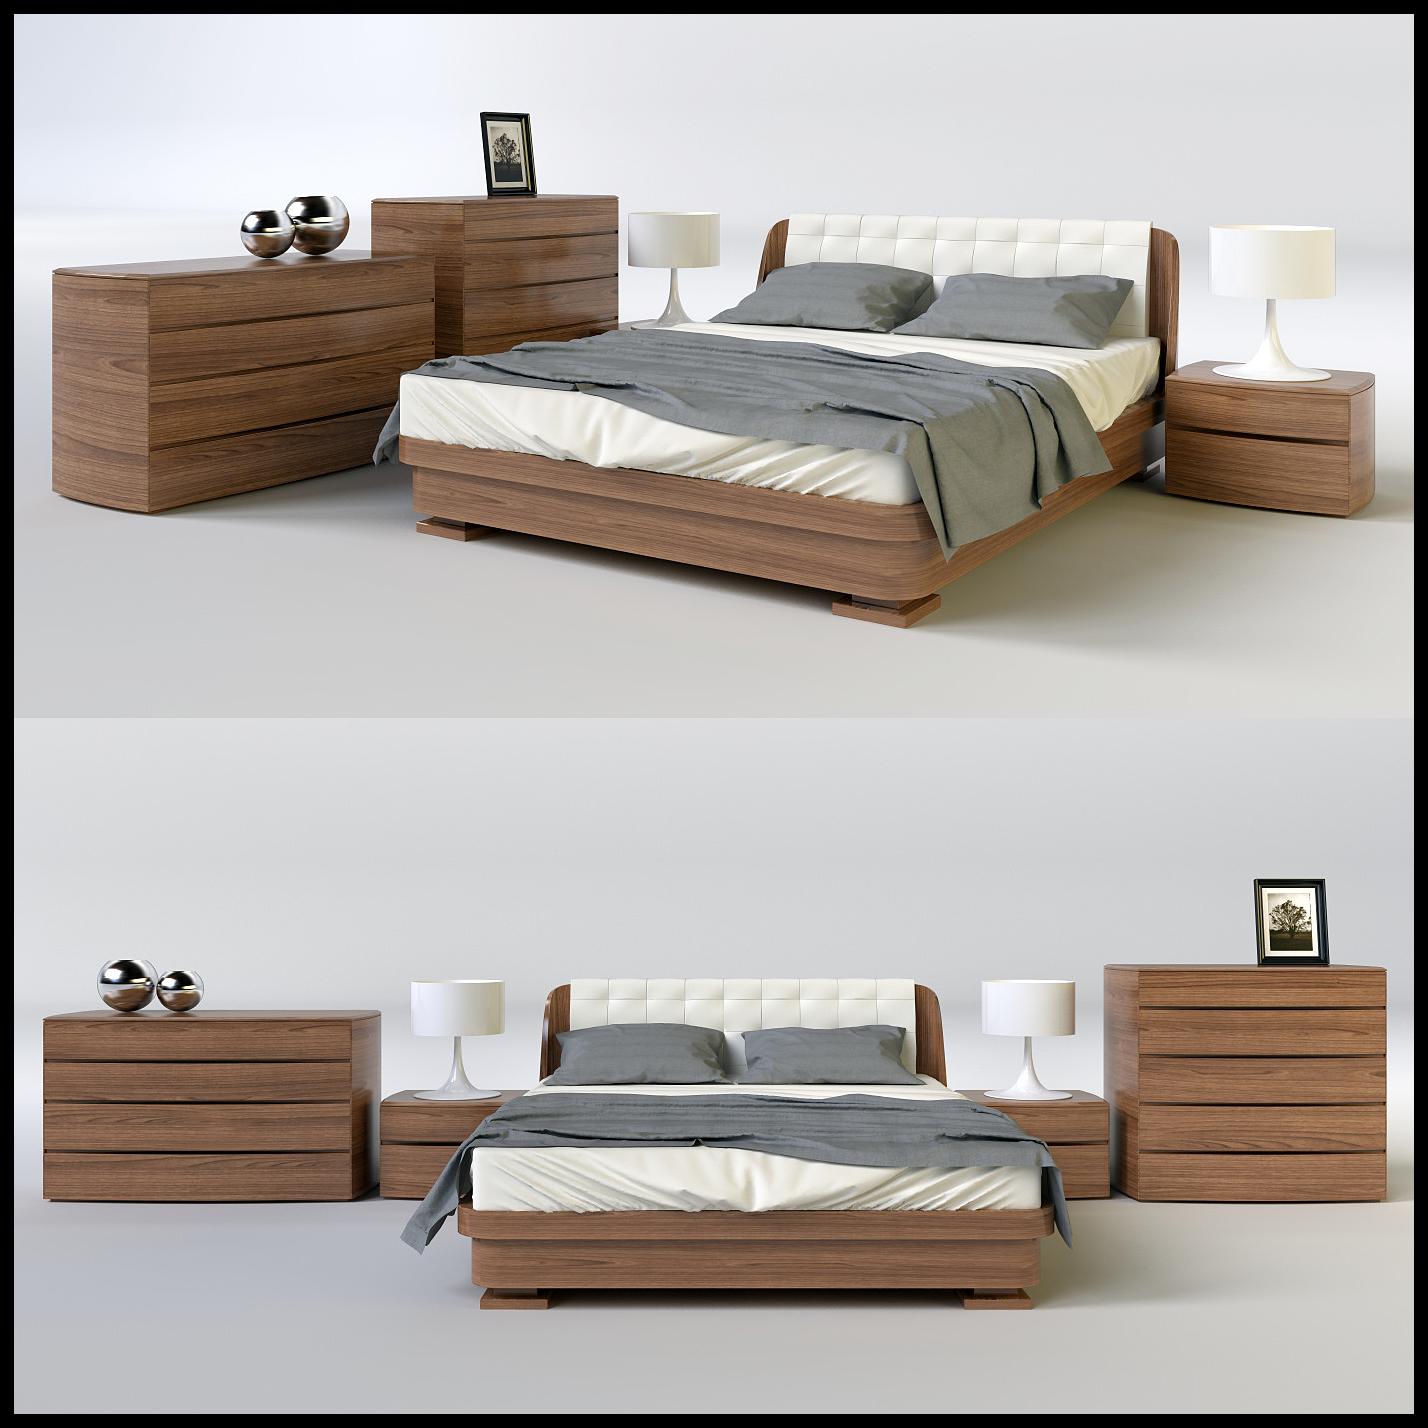 دانلود رایگان مدل سه بعدی تخت خواب مدرن